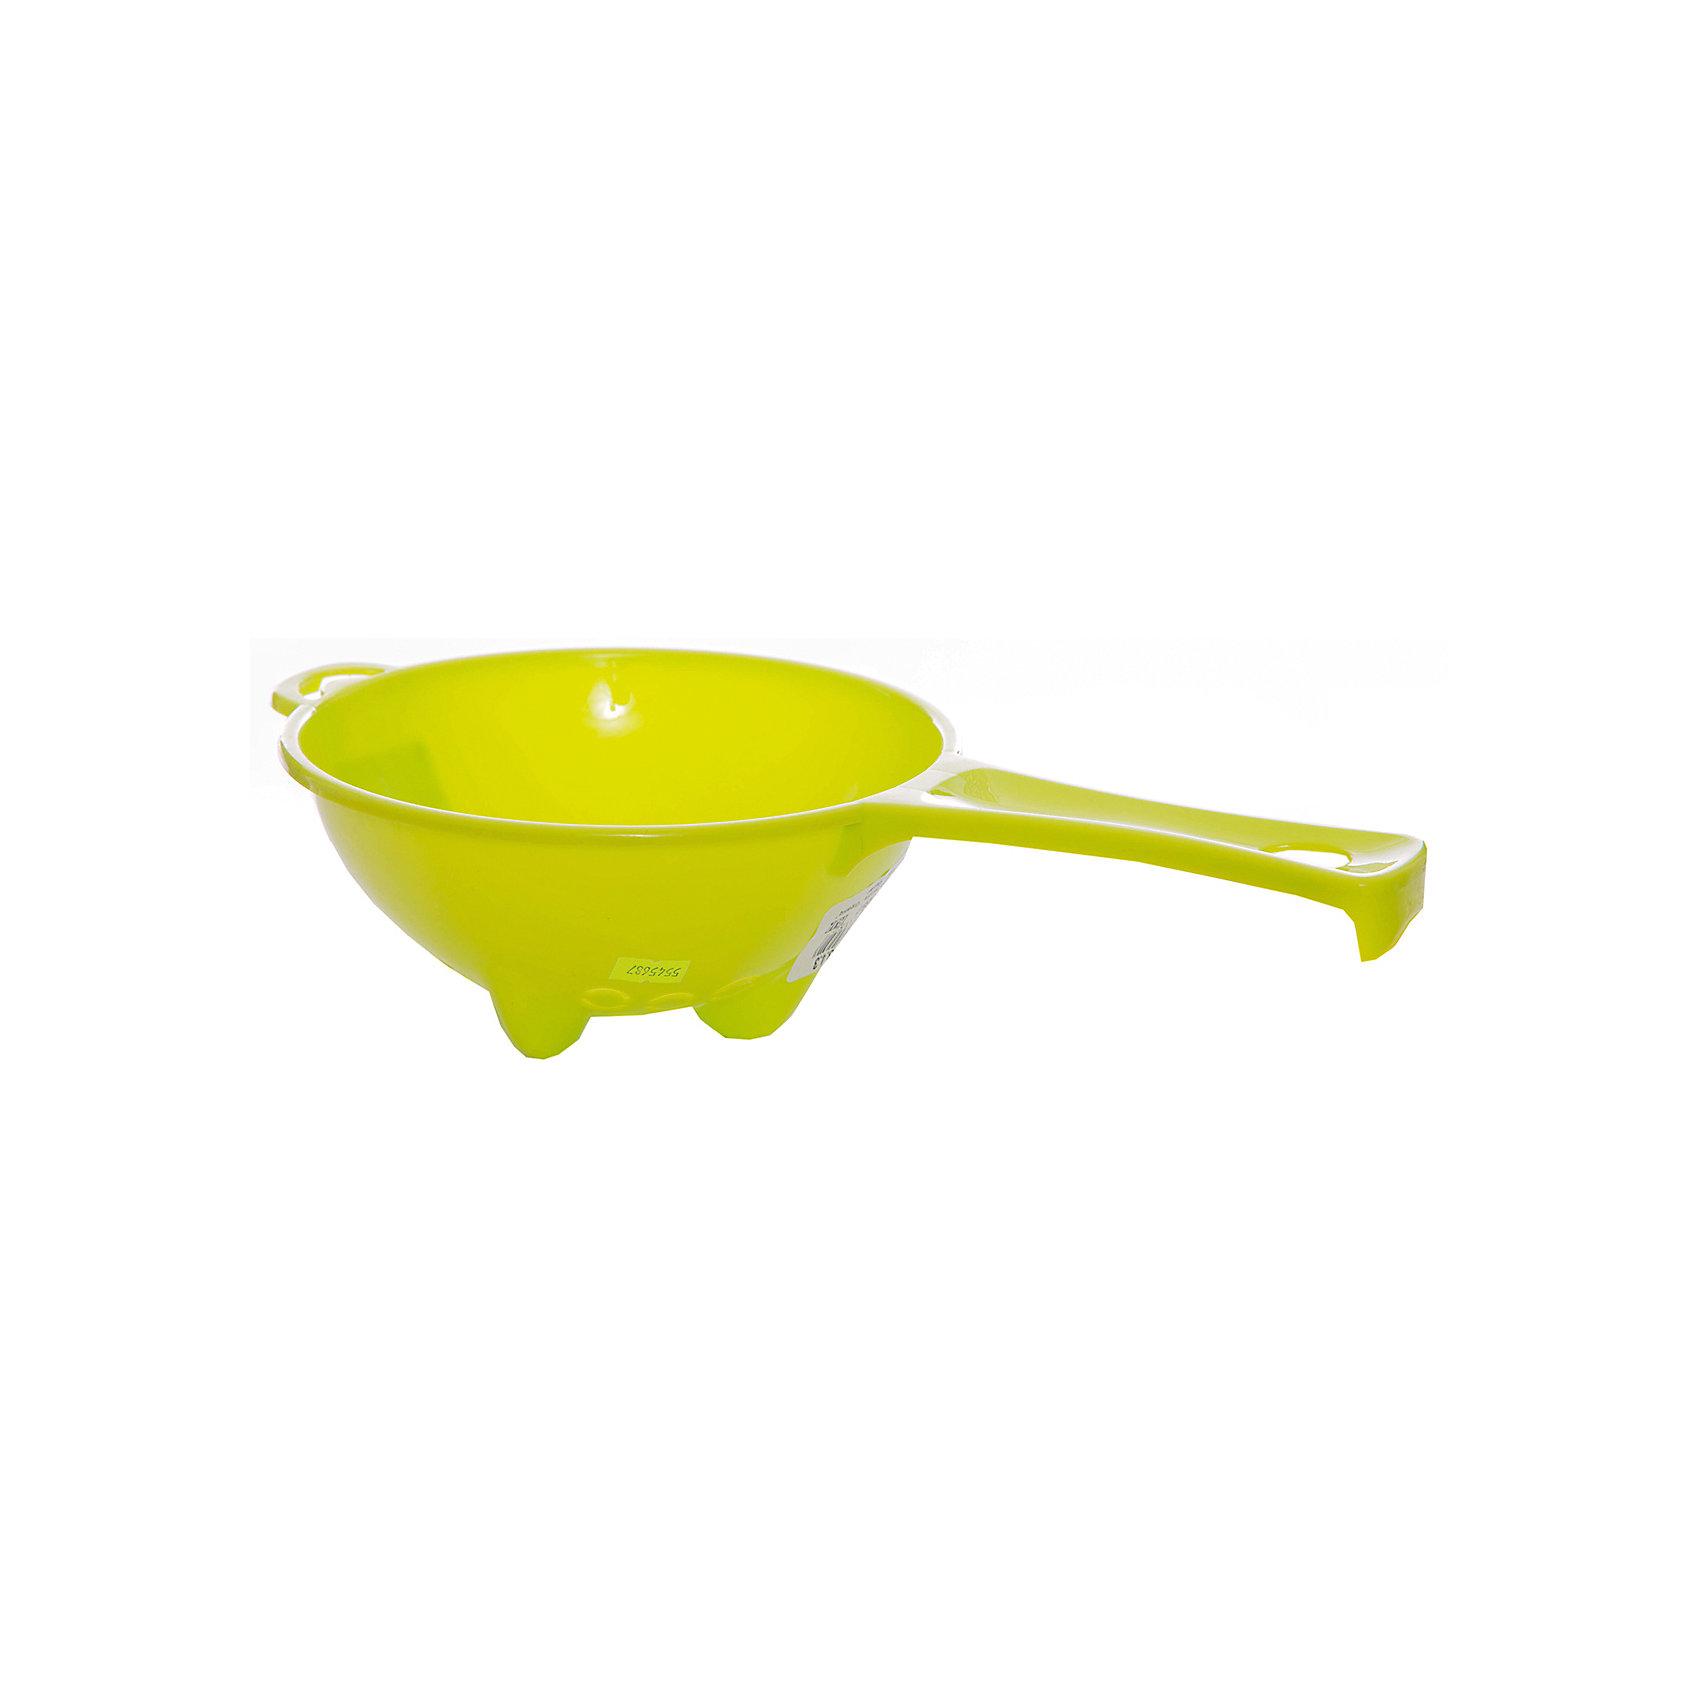 Дуршлаг с ручкой Organiq d 200 мм, Plastic CentreВанная комната<br>Дуршлаг с ручкой Organiq d 200 мм, PlasticCentre<br><br>Характеристики:<br><br>• Материал: пластик<br>• Цвет: зеленый<br>• В комплекте: 1 штука<br>• Диаметр: 200мм<br><br>Этот дуршлаг изготовлен из прочного и безопасного пластика, который не бьется и устойчив к царапинам. Он имеет стильный дизайн, плавные линии и выполнен в ярких цветах. Этот удобный и практичный предмет легко впишется в стиль вашей кухни и всегда пригодится для слива воды в процессе готовки.<br><br>Дуршлаг с ручкой Organiq d 200 мм, PlasticCentre можно купить в нашем интернет-магазине.<br><br>Ширина мм: 360<br>Глубина мм: 200<br>Высота мм: 90<br>Вес г: 97<br>Возраст от месяцев: 216<br>Возраст до месяцев: 1188<br>Пол: Унисекс<br>Возраст: Детский<br>SKU: 5545687